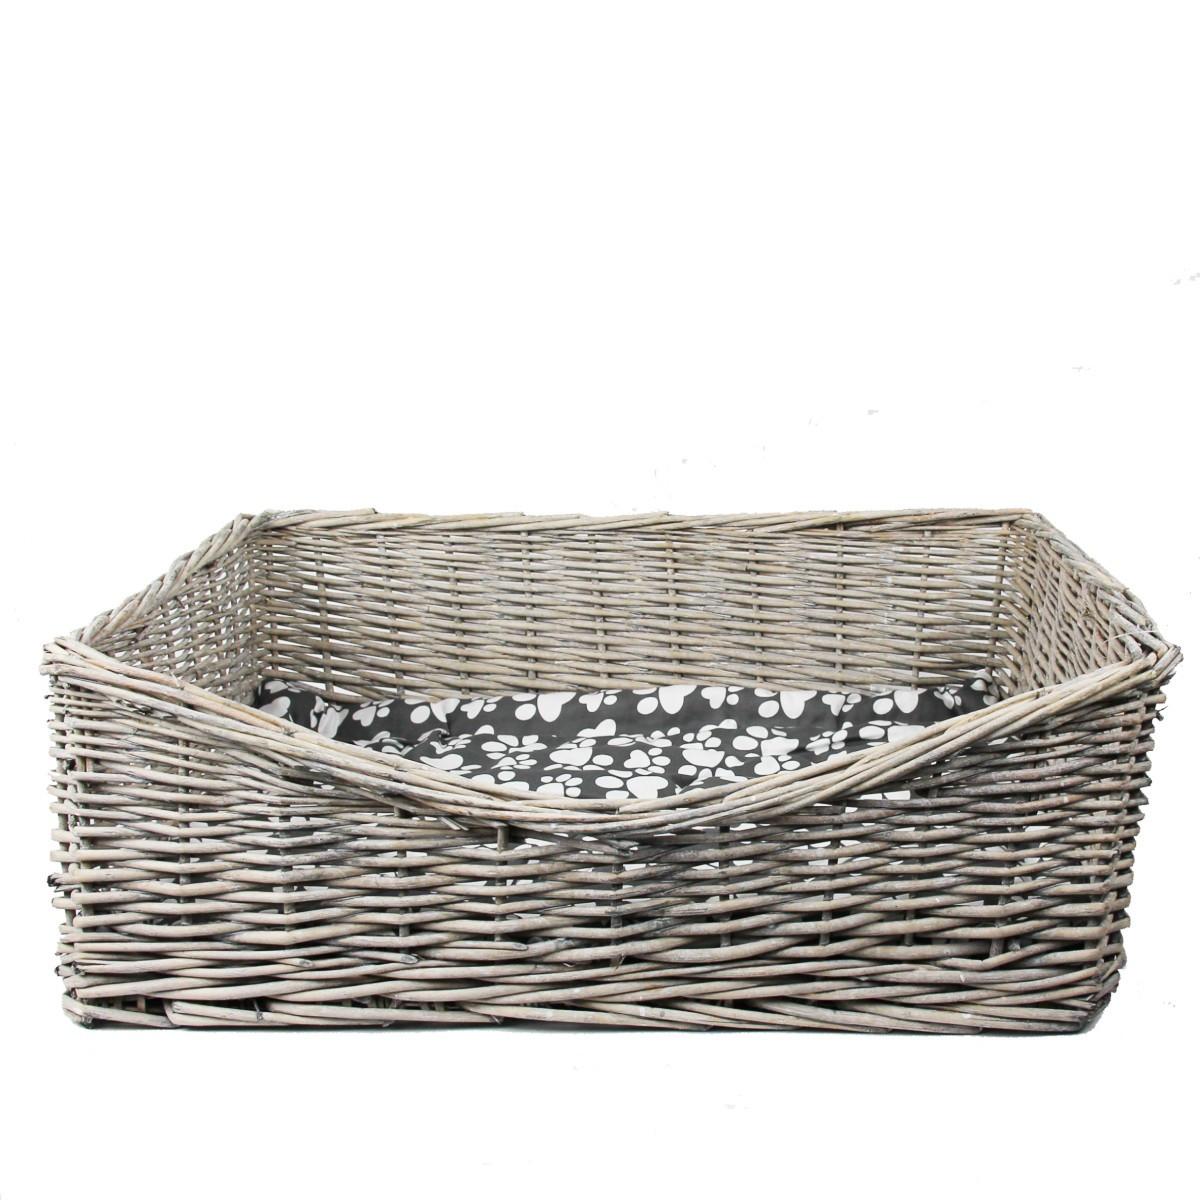 panier pour chien en rotin avec coussin longueur 66 cm. Black Bedroom Furniture Sets. Home Design Ideas